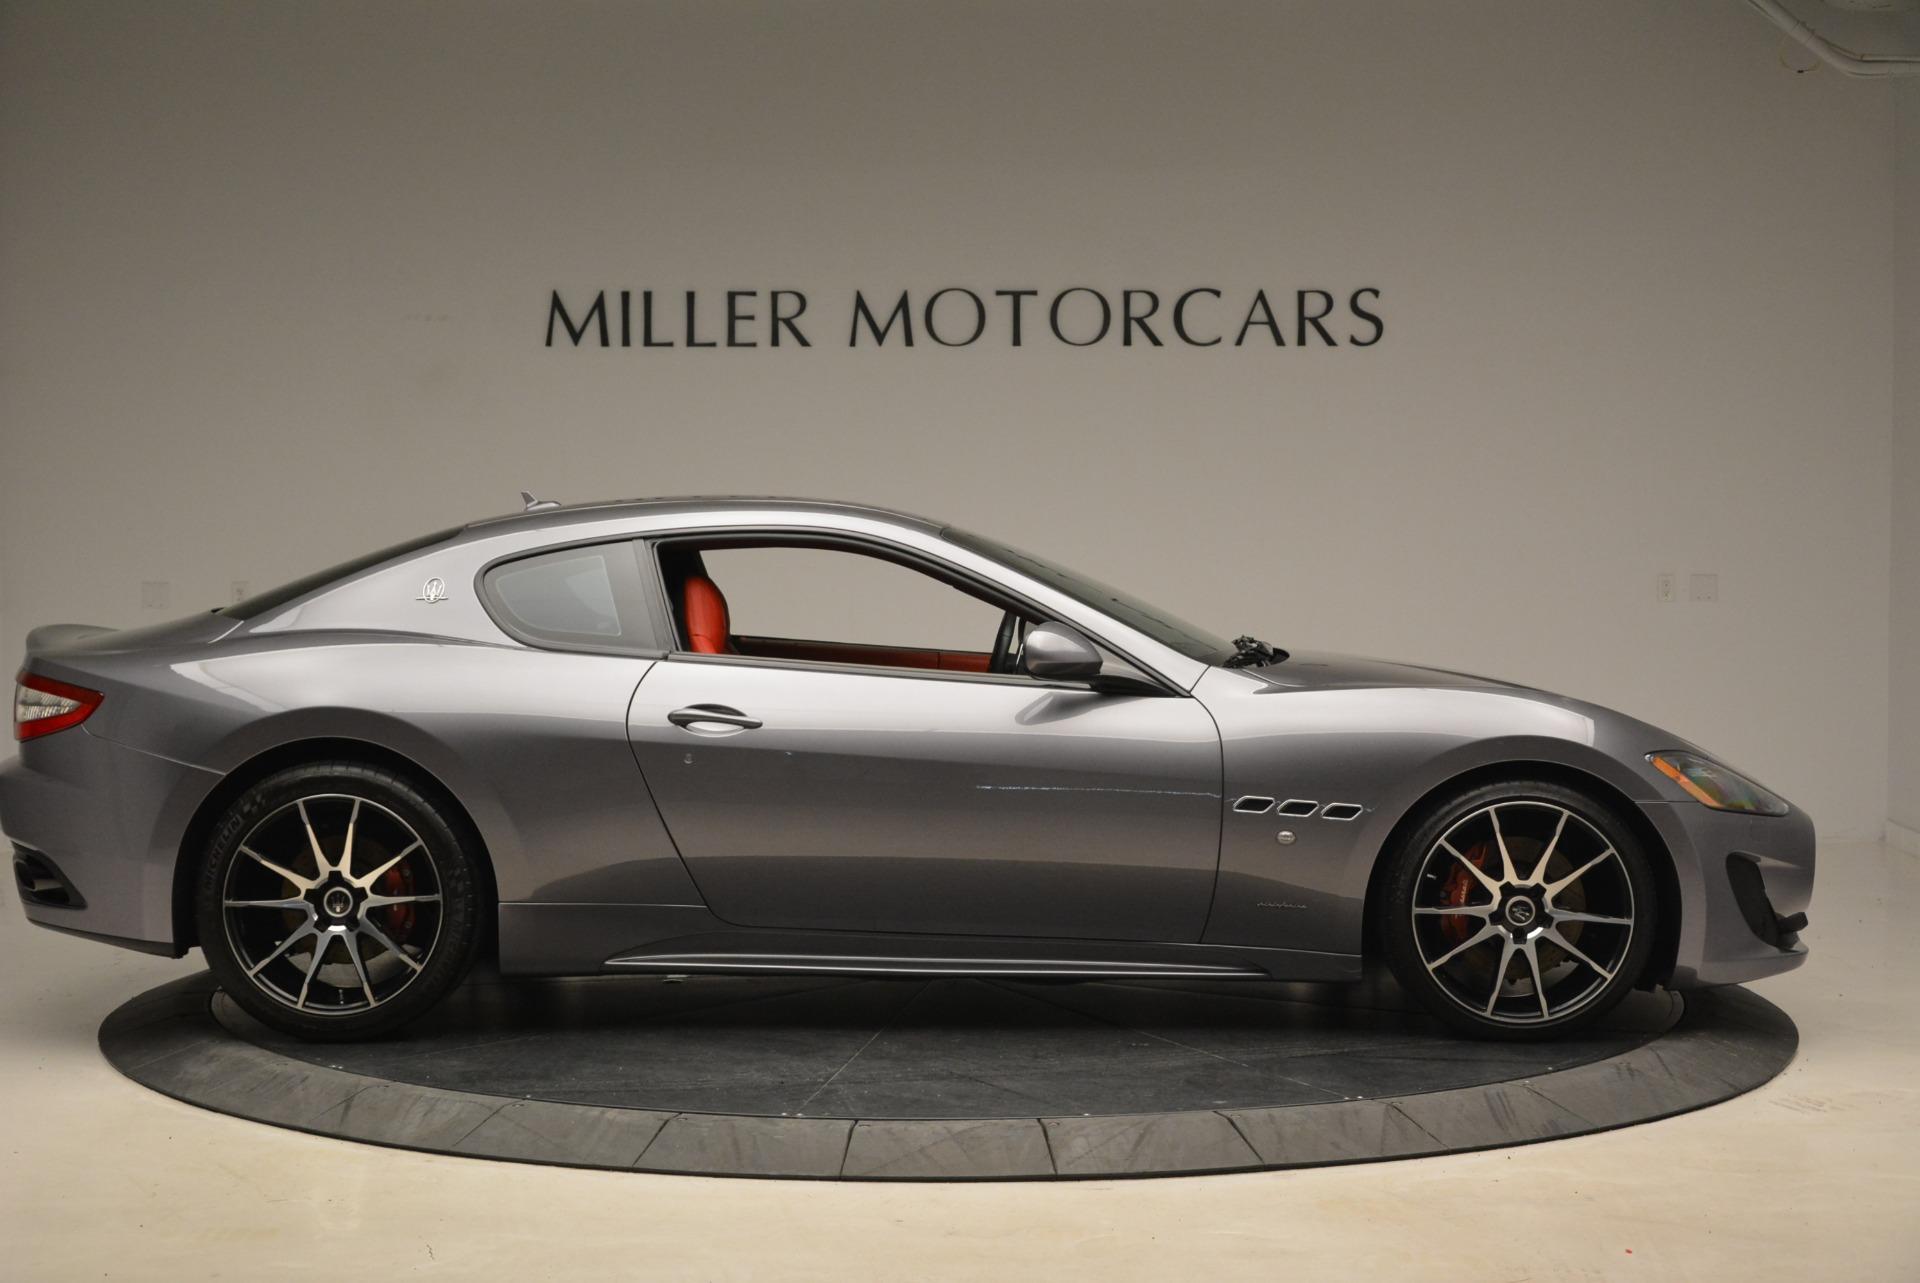 Used 2014 Maserati GranTurismo Sport For Sale In Westport, CT 2131_p7